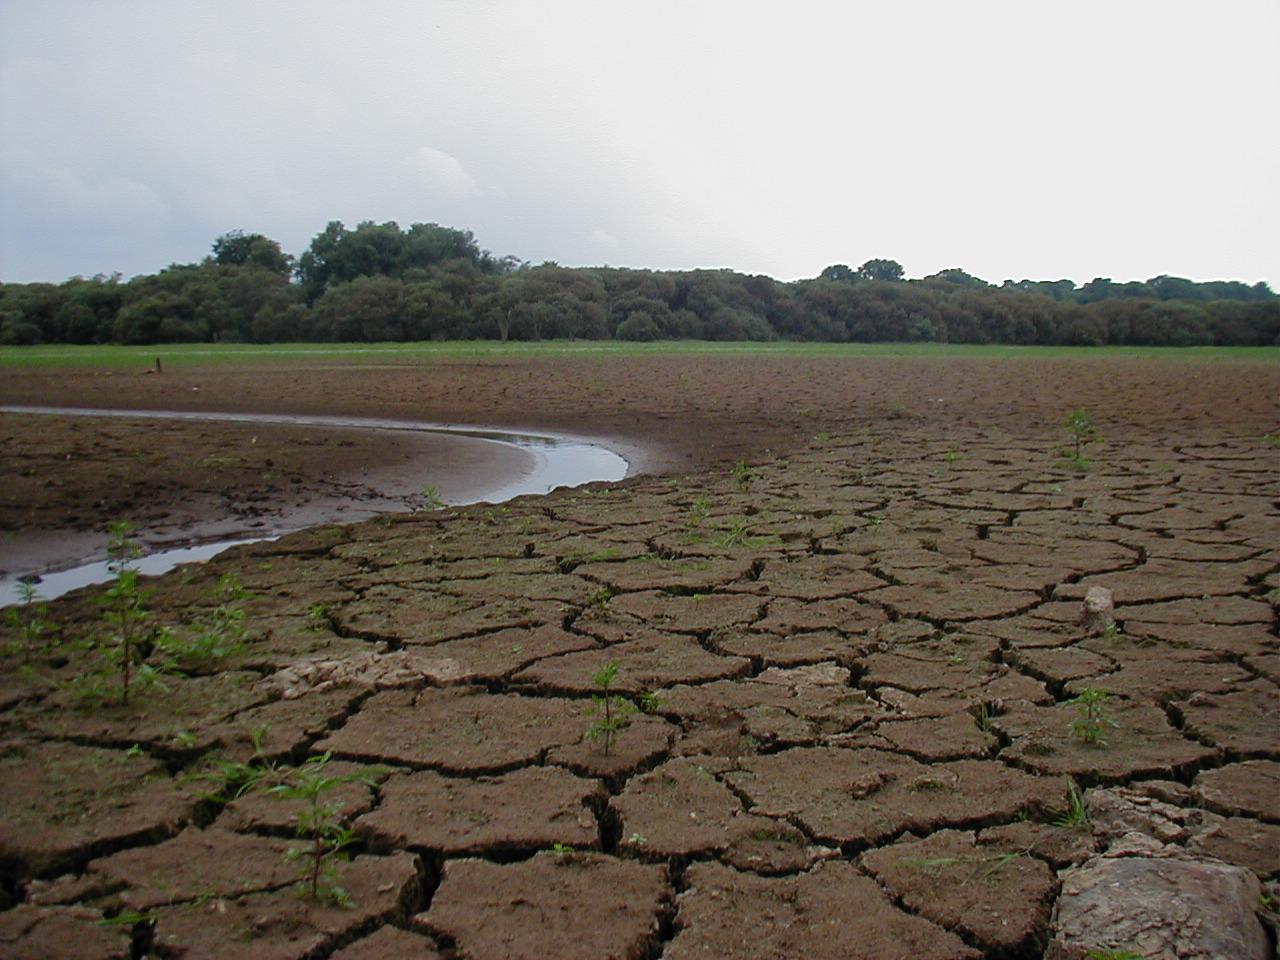 Raréfaction de l'eau : le syndicat de l'Horn invité à mieux accompagner les agriculteurs